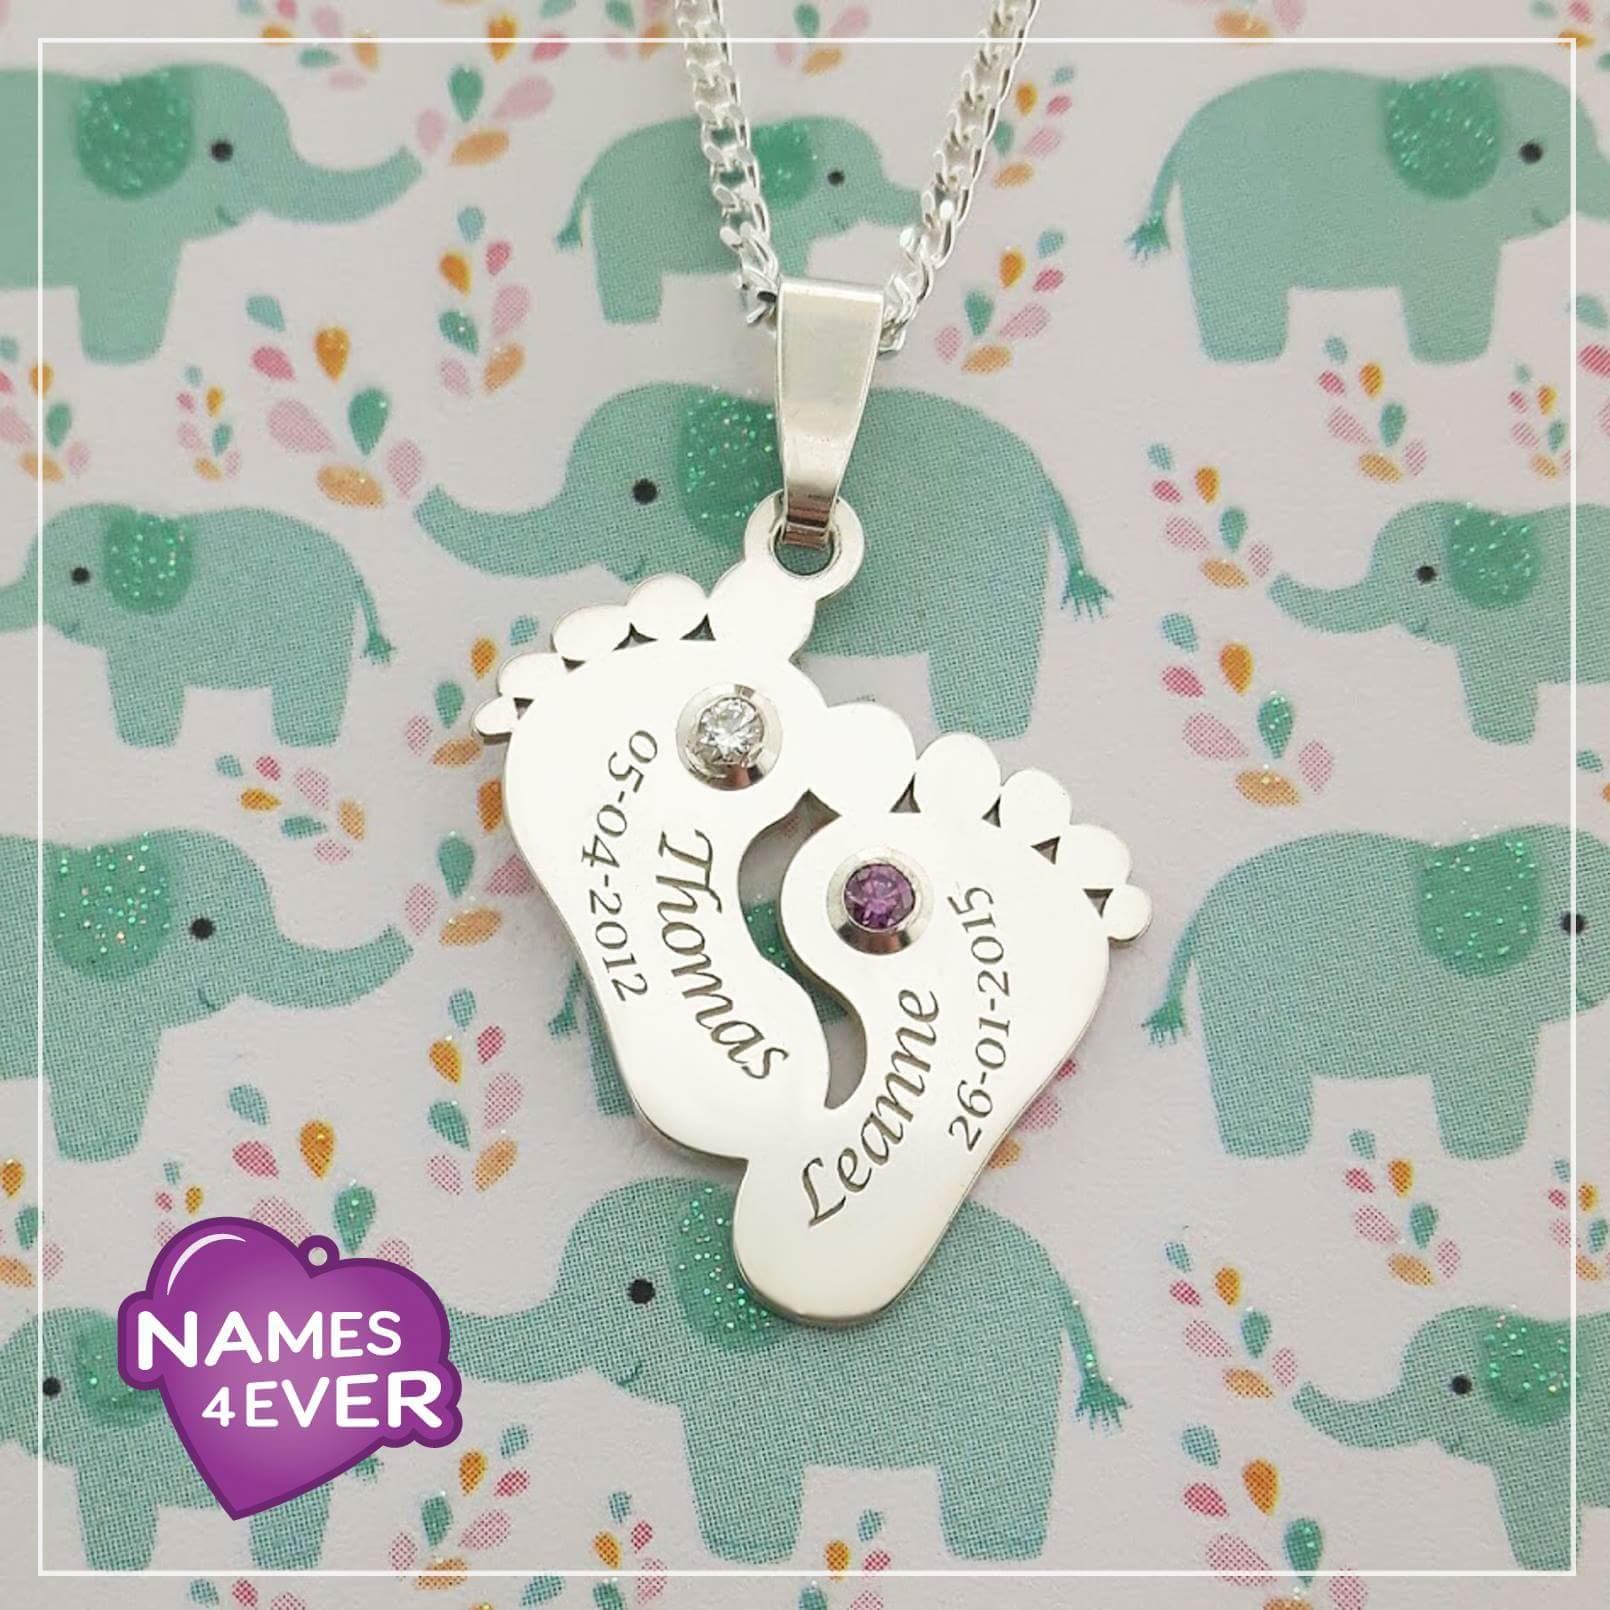 Fabulous Mooi Cadeau Voor Moeder CE81 | Belbin.Info &OE05